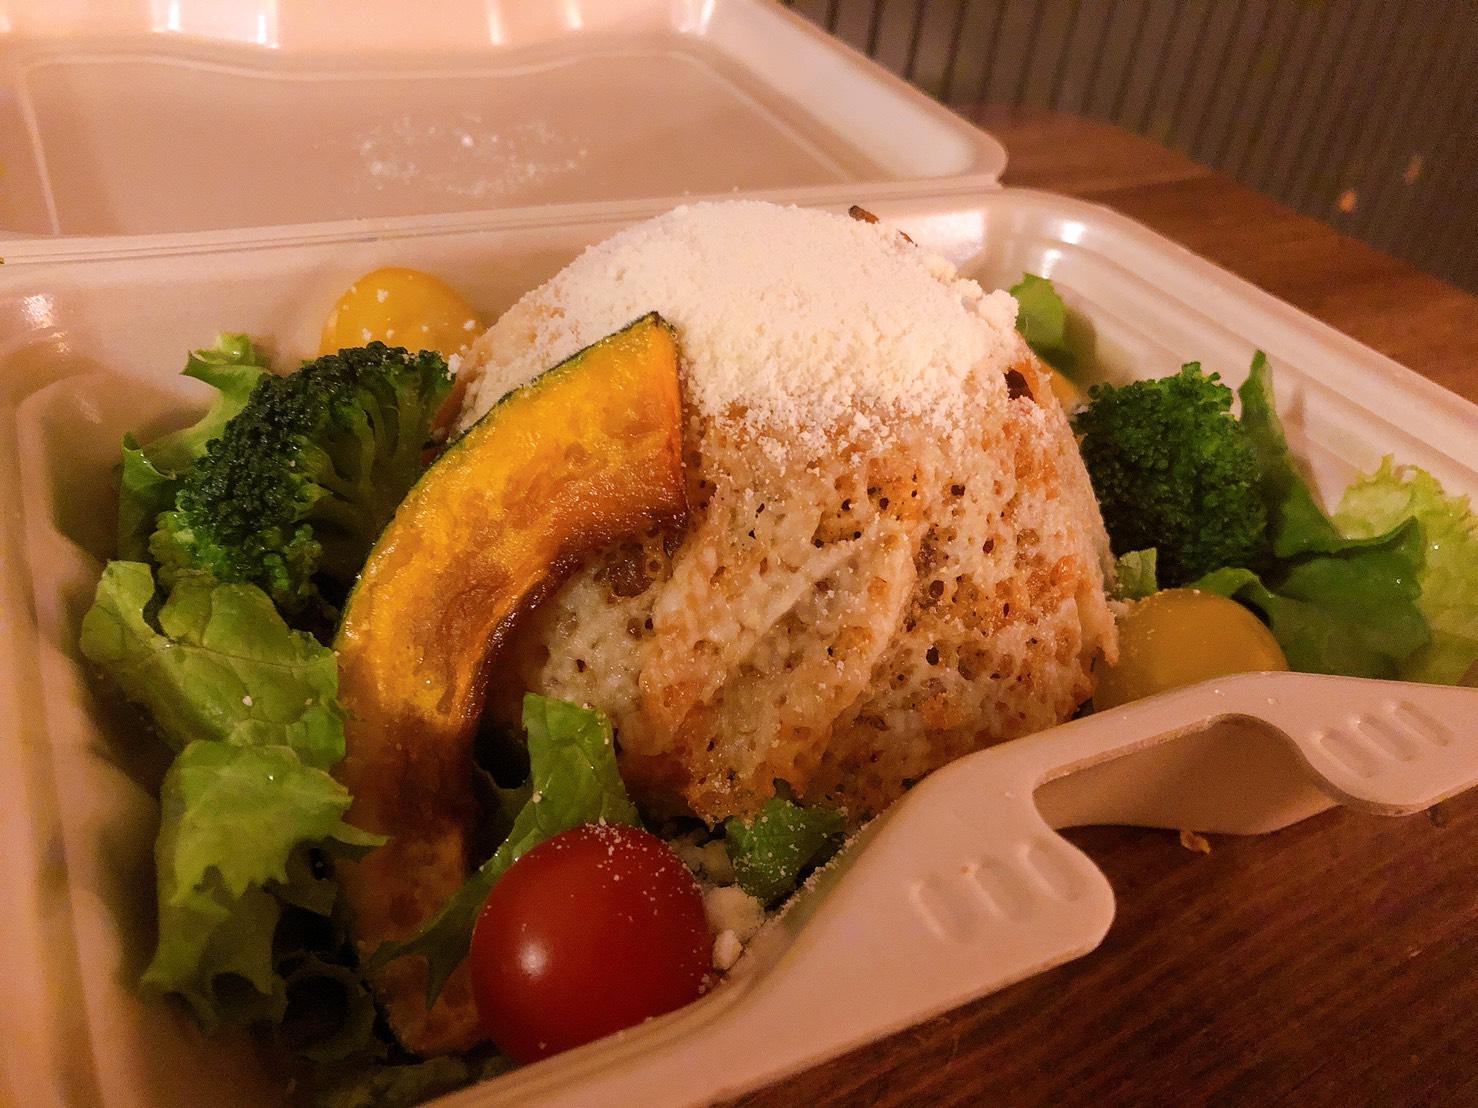 キーマカレーの上にチーズに包まれたライス、付け合わせの野菜、お好きな組み合わせでお召し上がりください